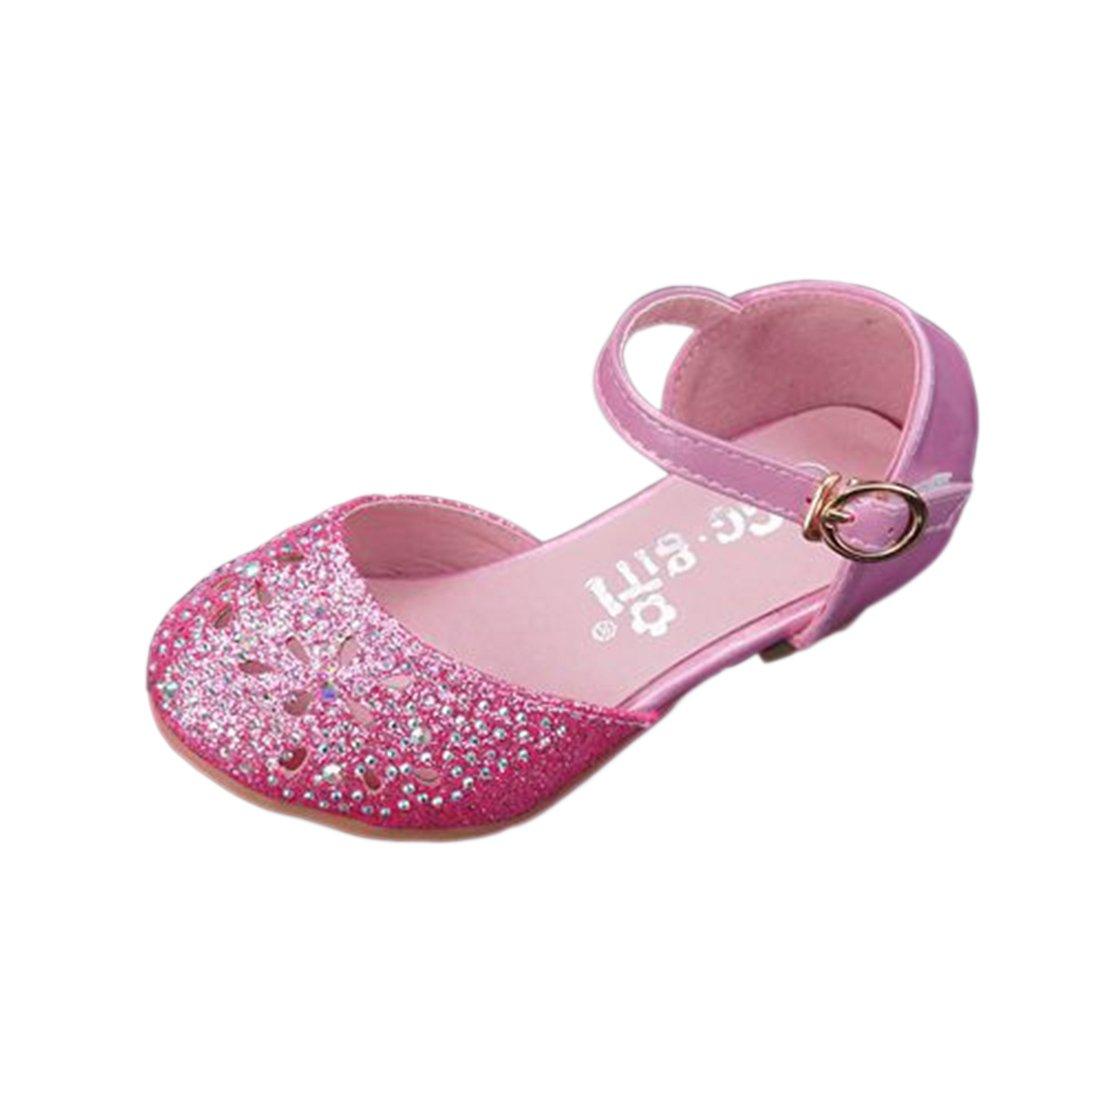 c8aed3b1e99b Yy.f YYF Fille Ballerine Chaussures à Talon à Déguisement Princesse Respirable  Confortable pour Enfant Fille  Amazon.fr  Chaussures et Sacs